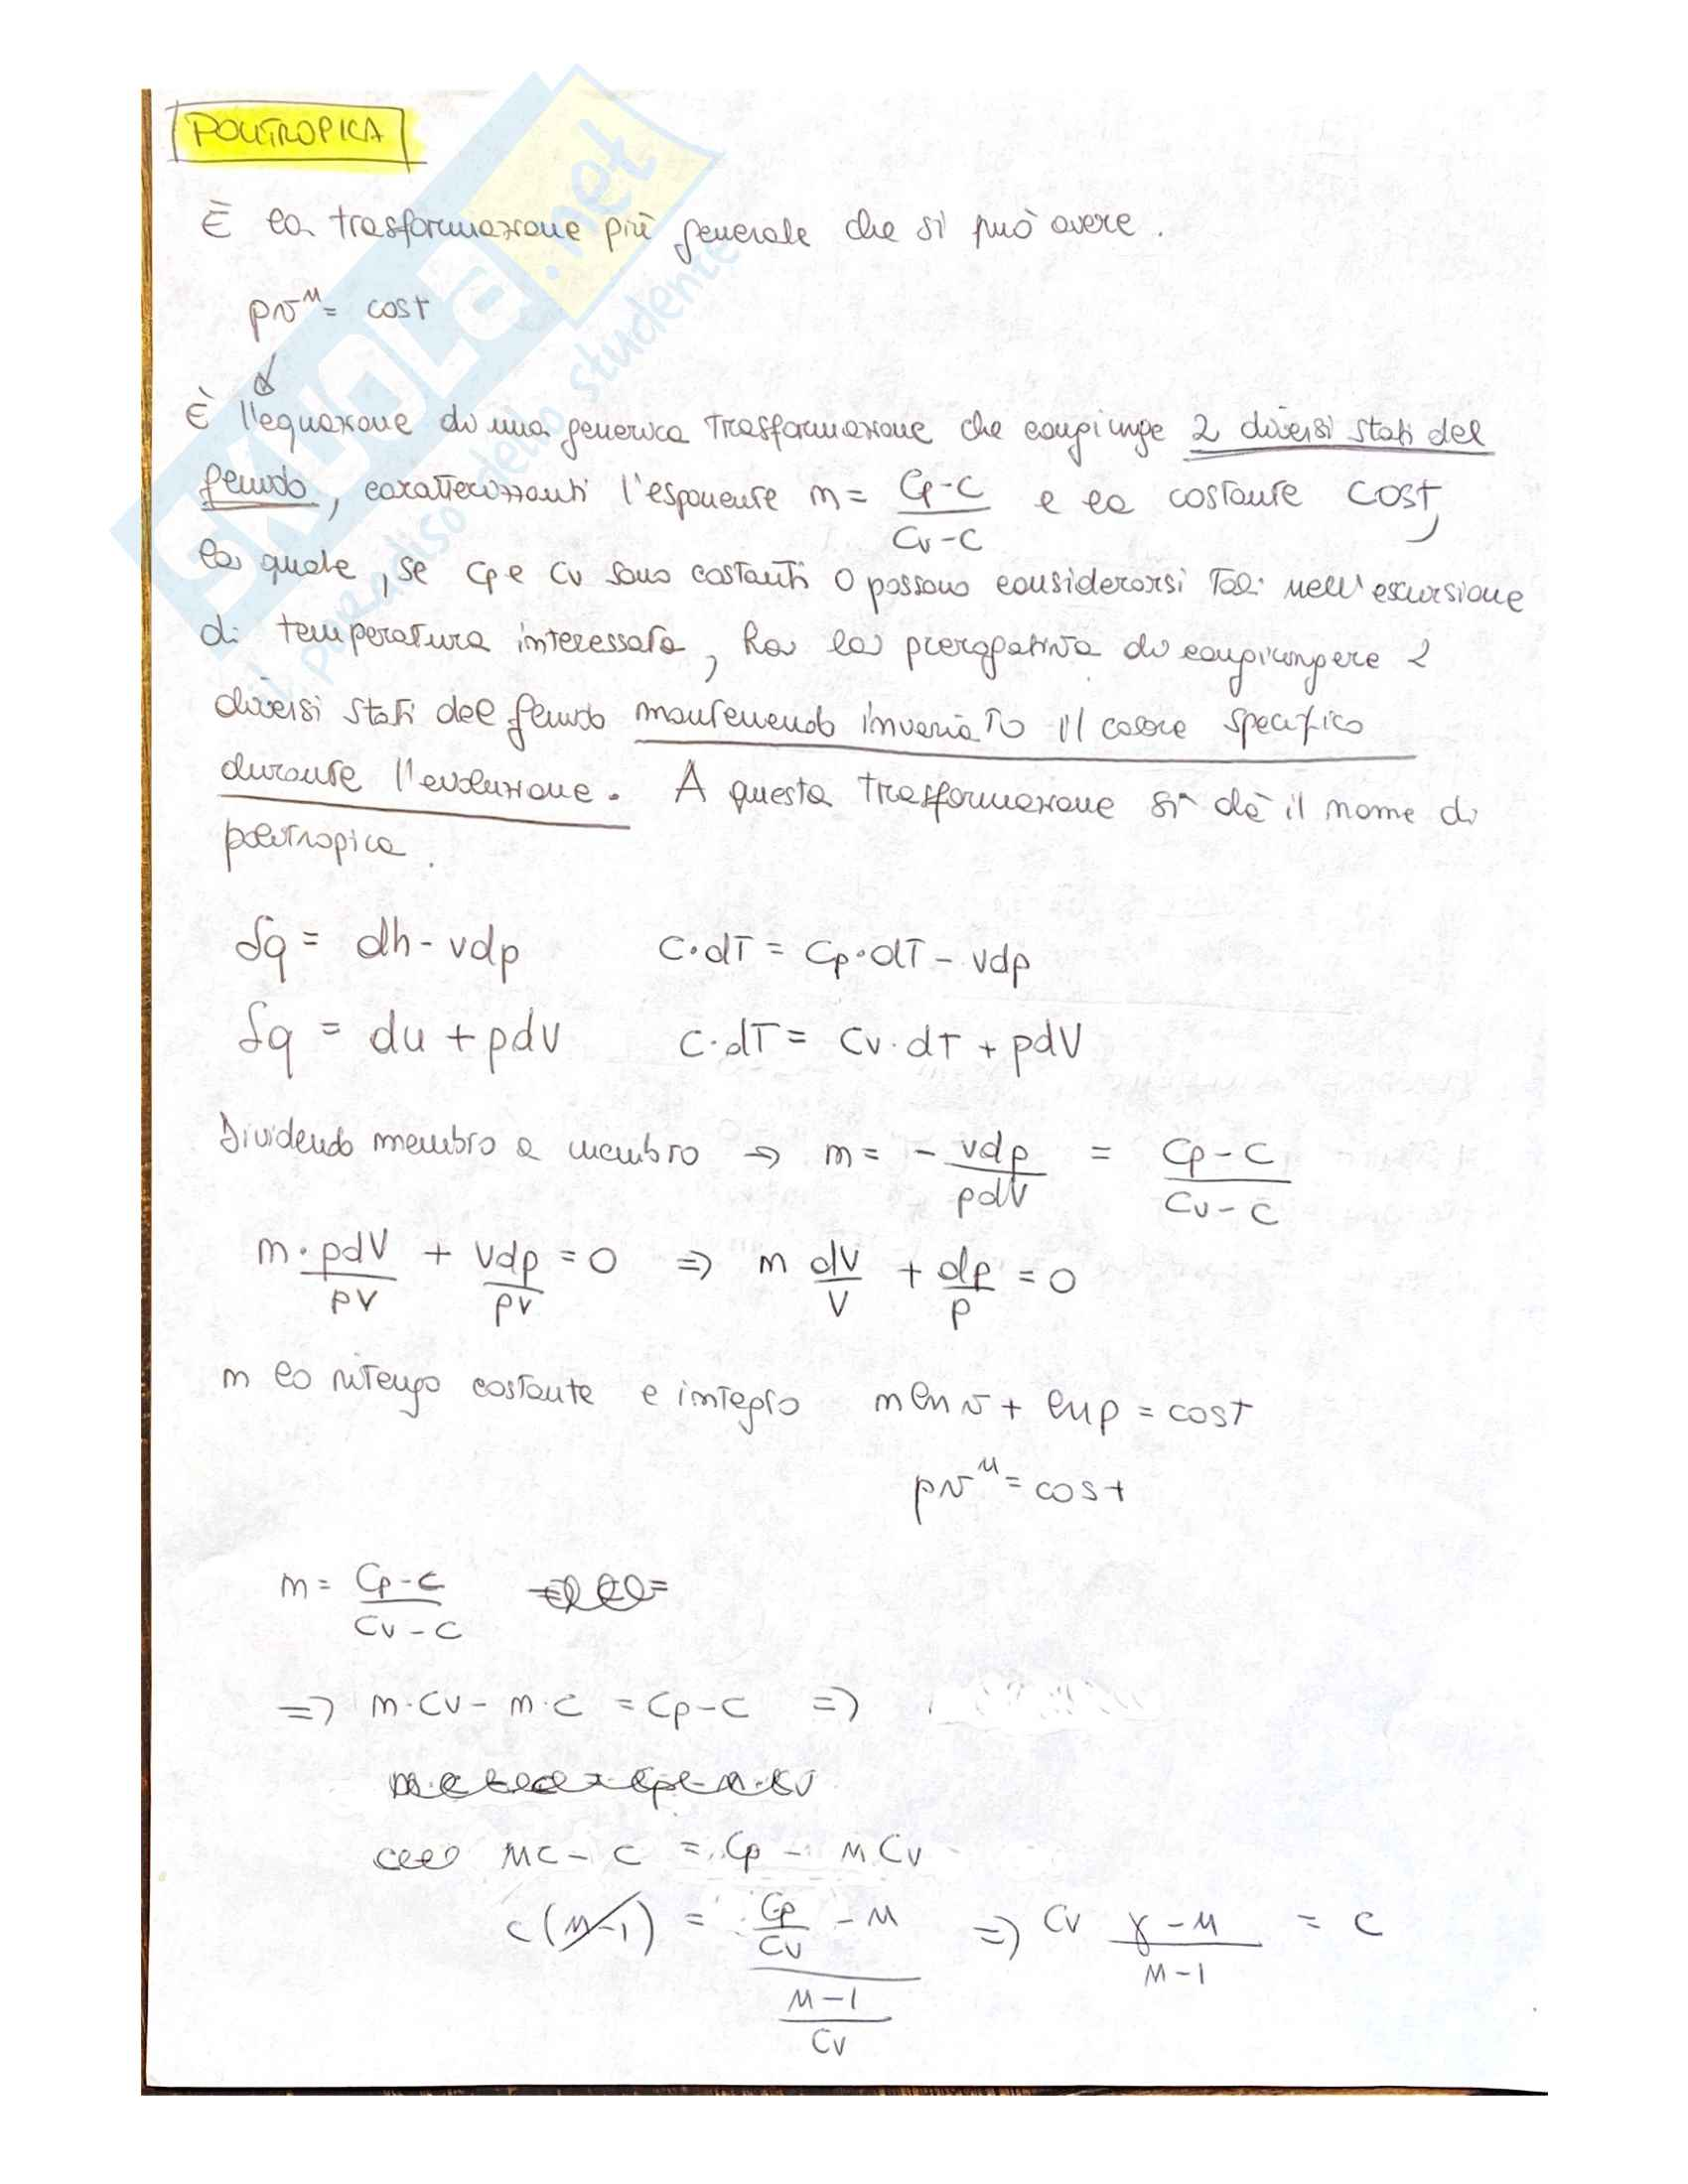 Domande svolte di teoria + esercizi svolti + temi d'esame svolti